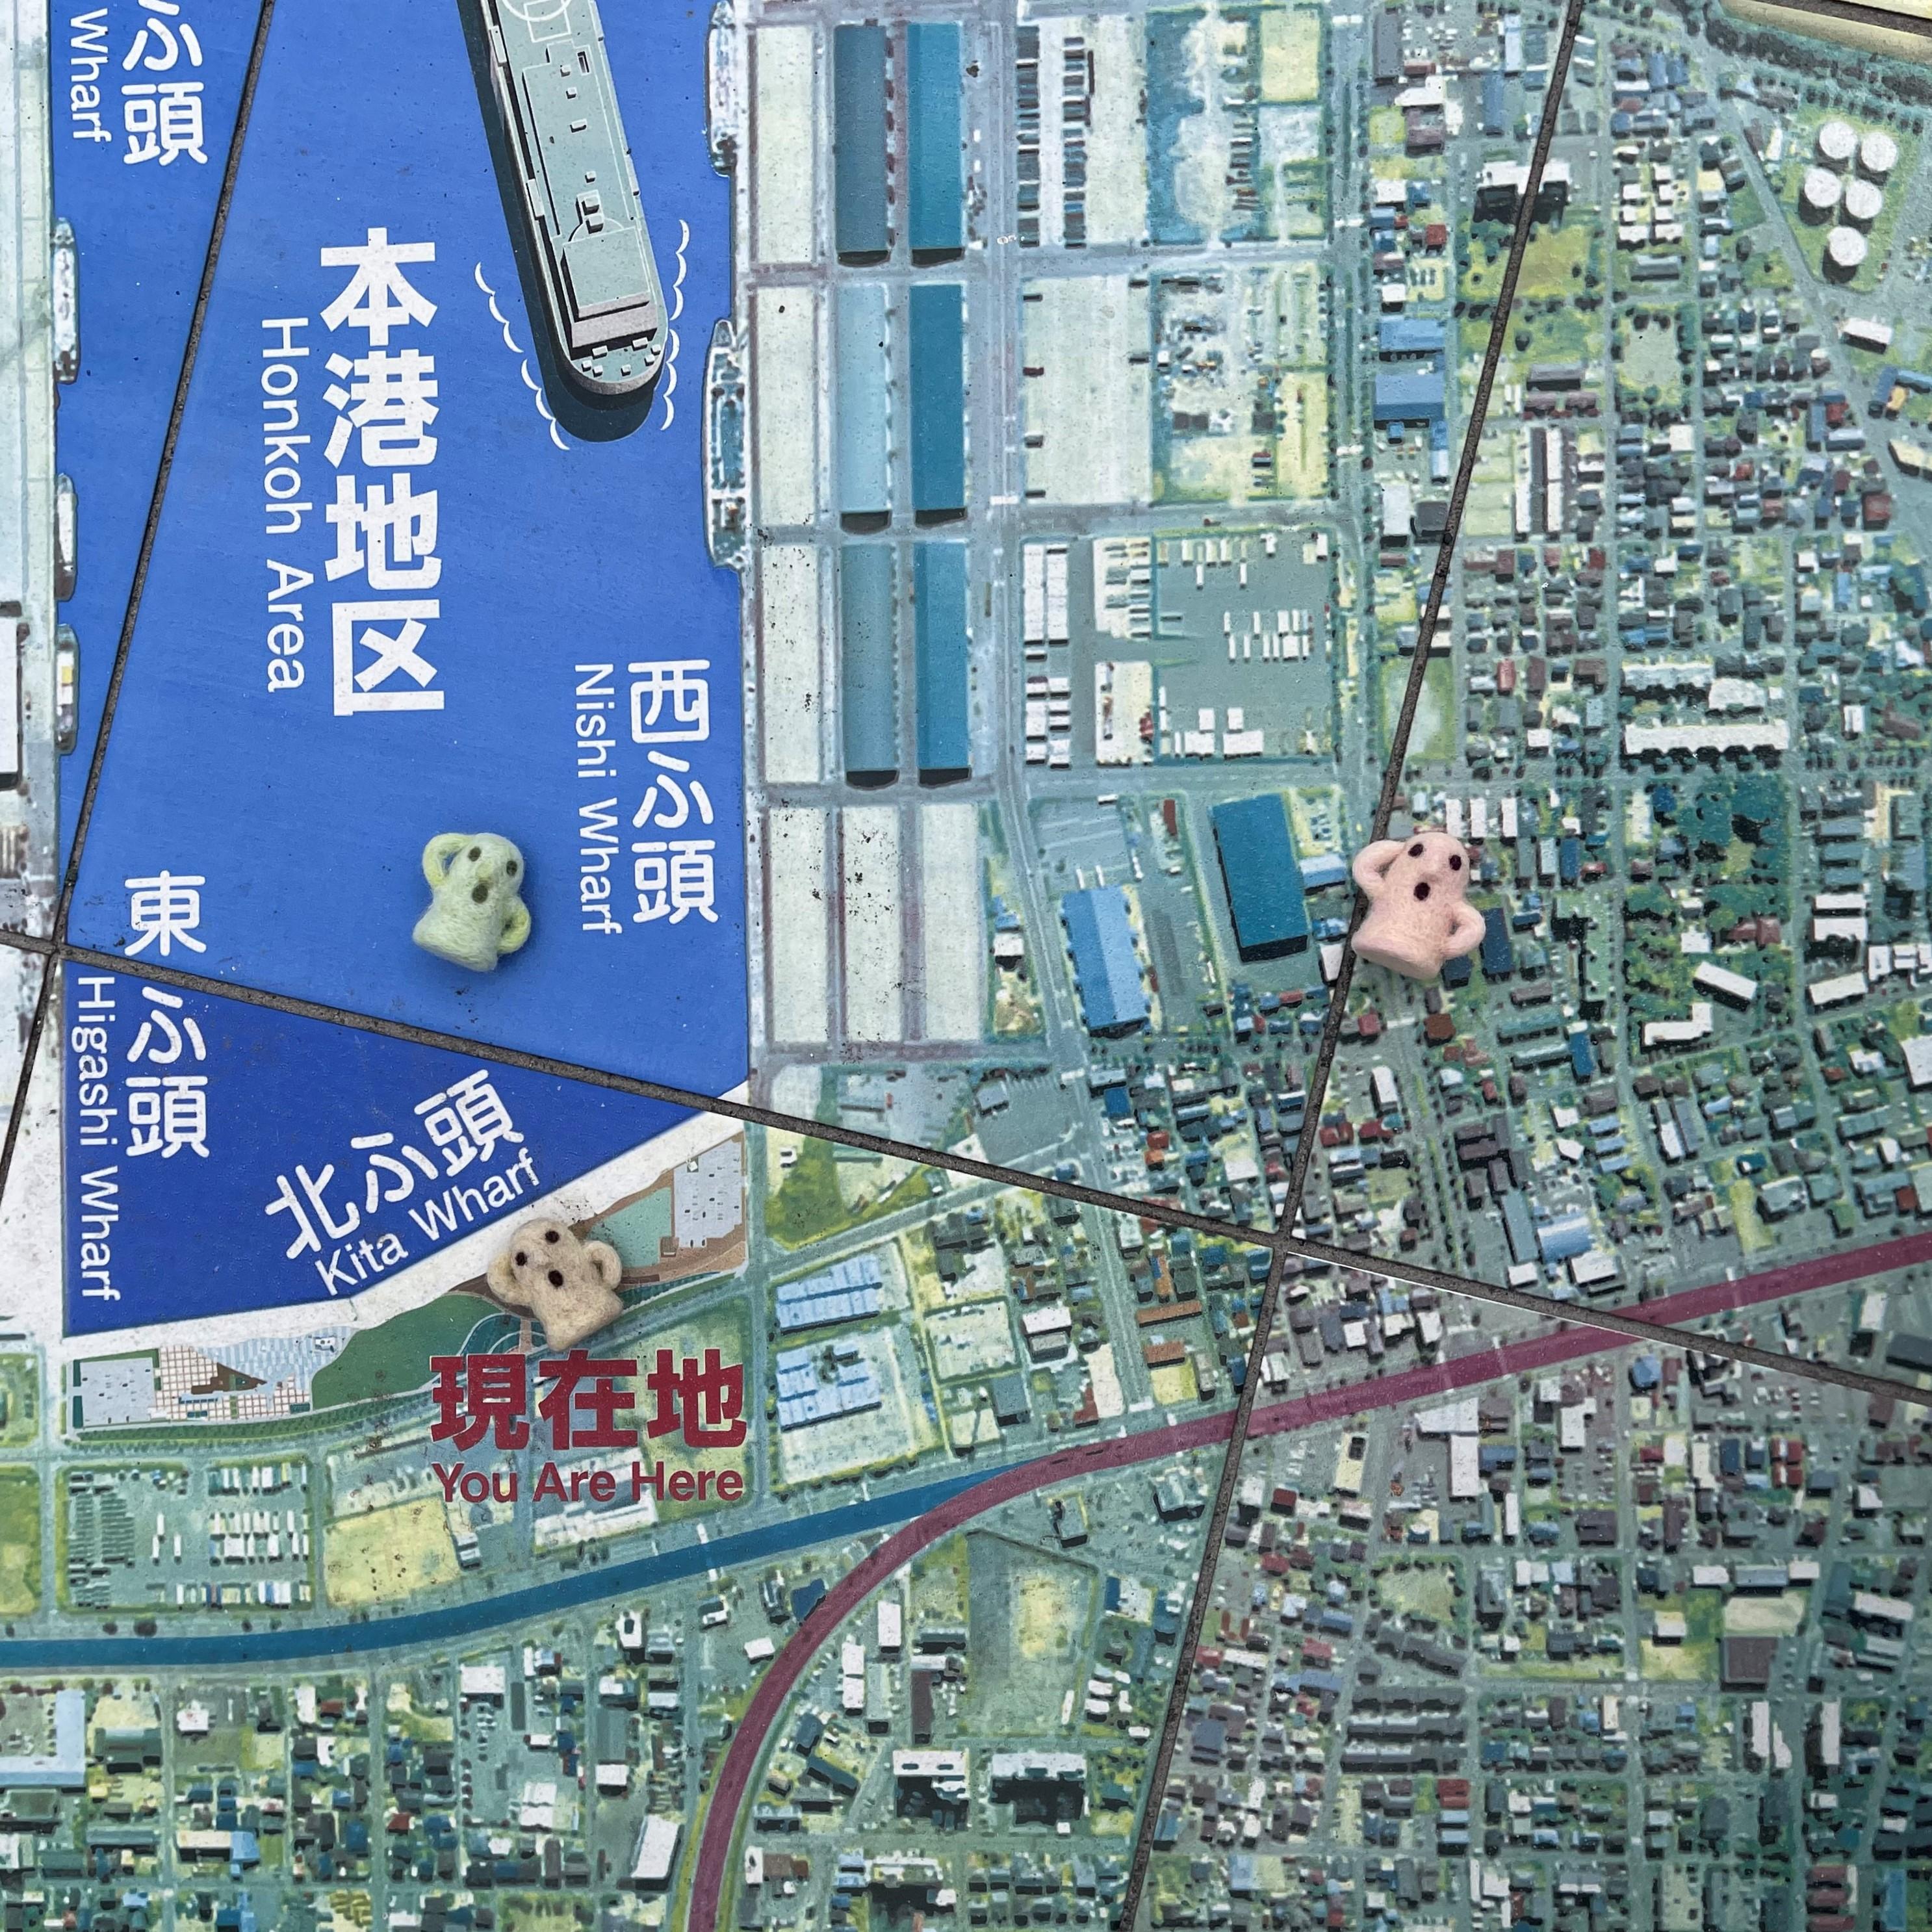 210326_はにわ(キラキラ公園)2 (2).jpg